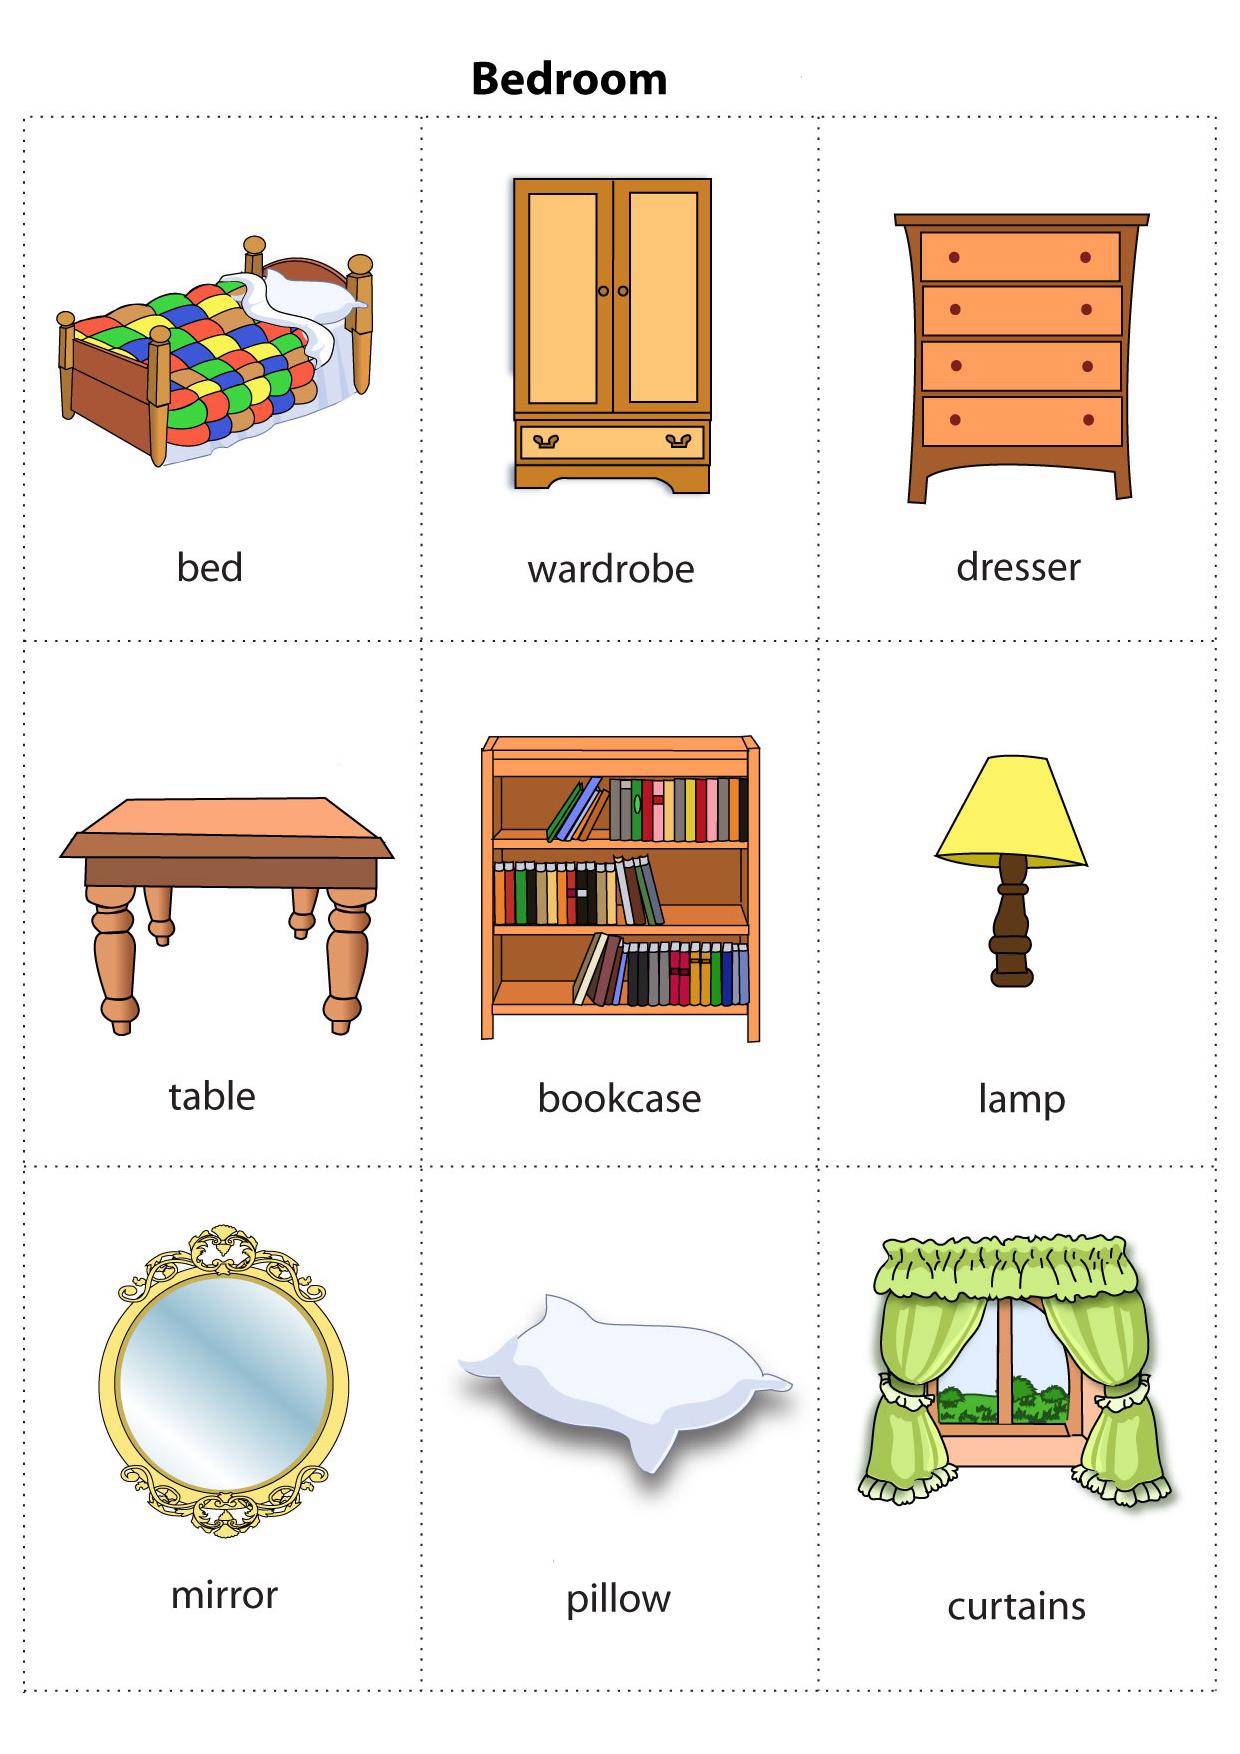 Atividades em ingles vocabulario flaschcards p045 - 44